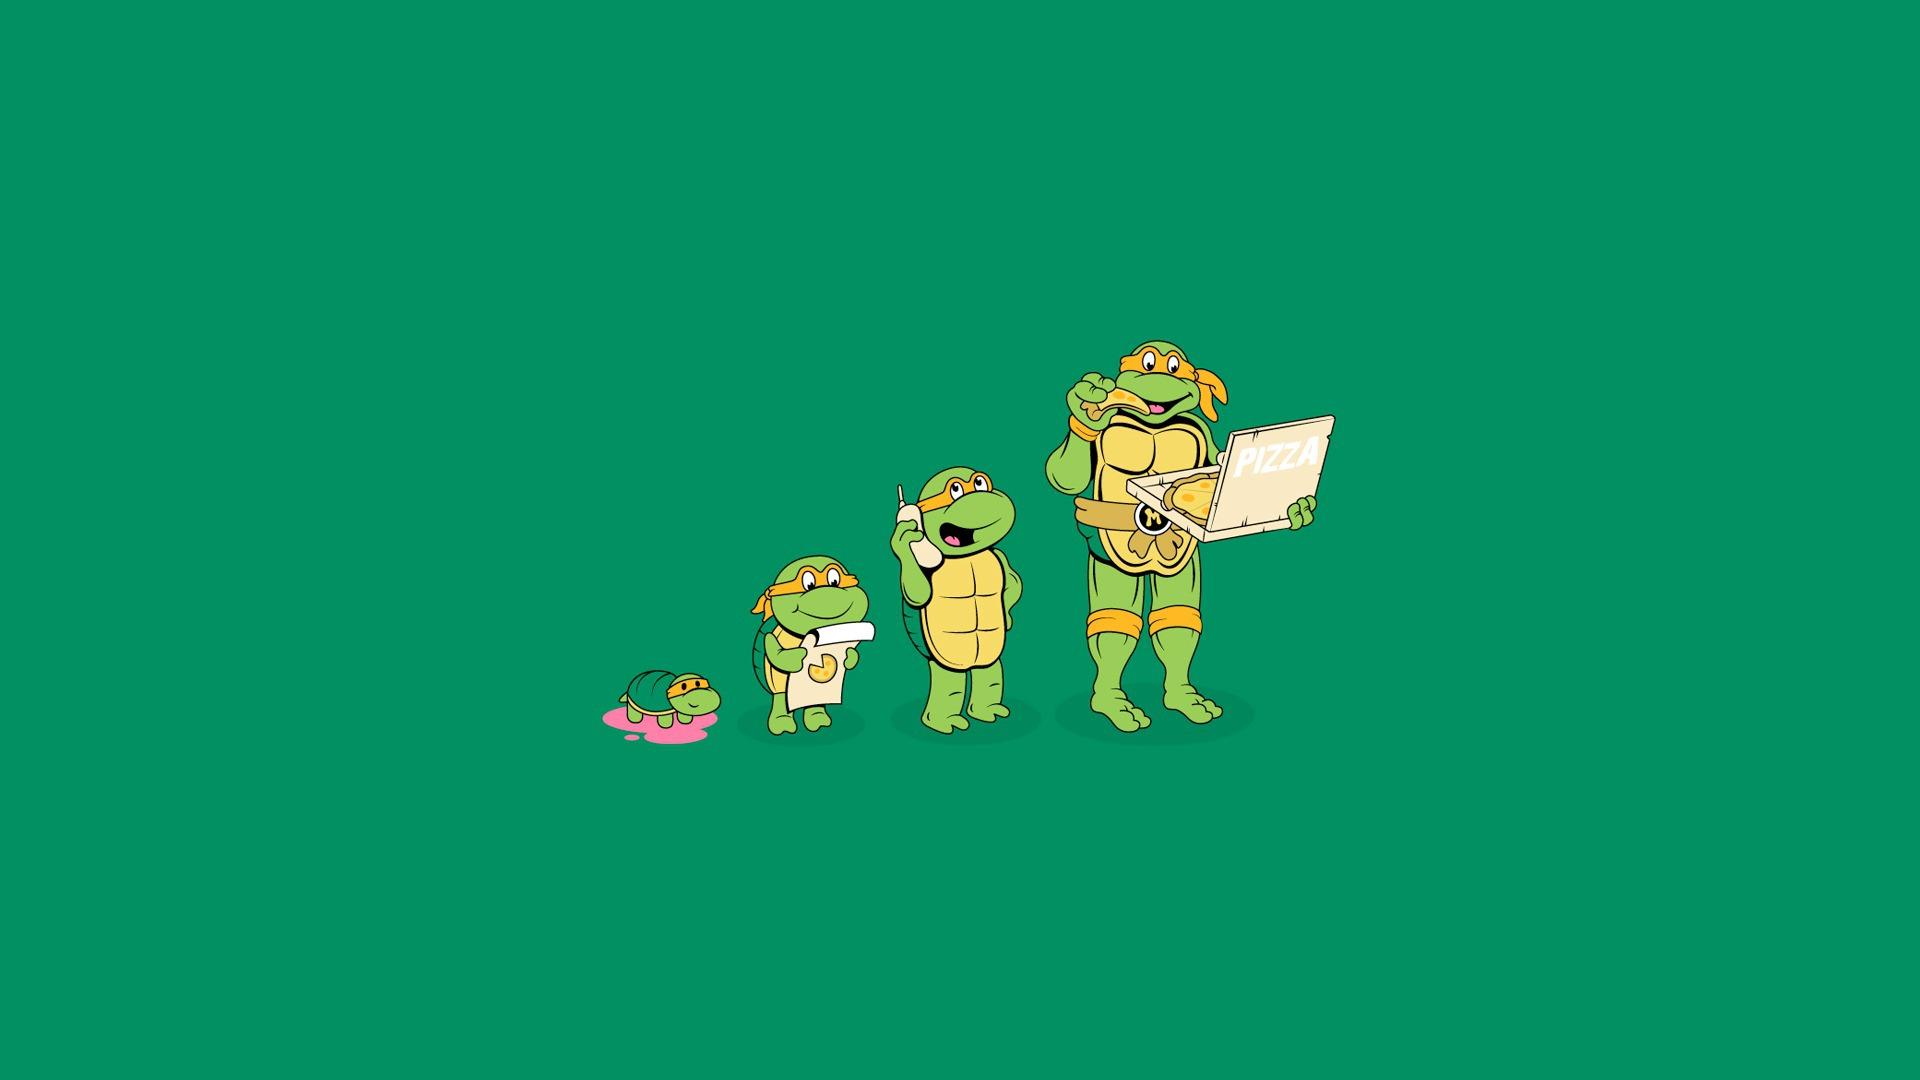 Cute ninja turtles tumblr